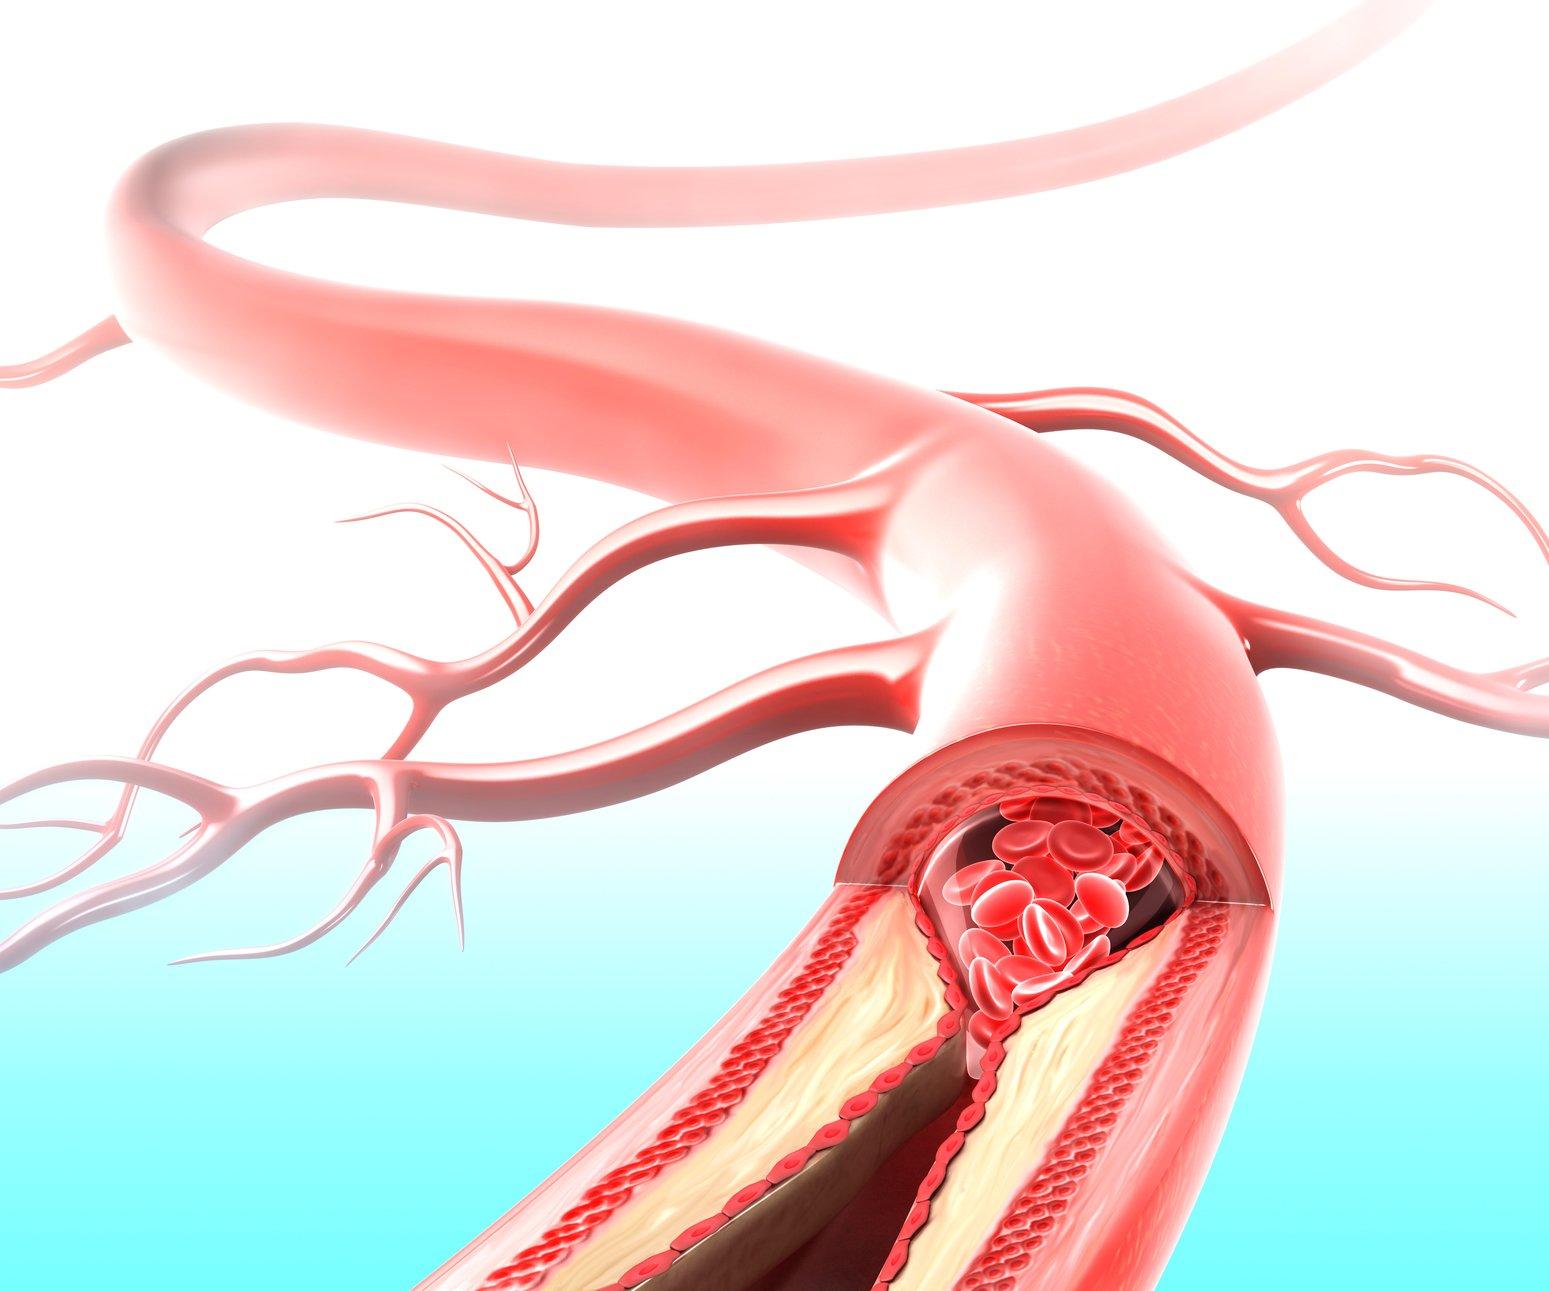 Атеросклероз может приводить к спазму сосудов